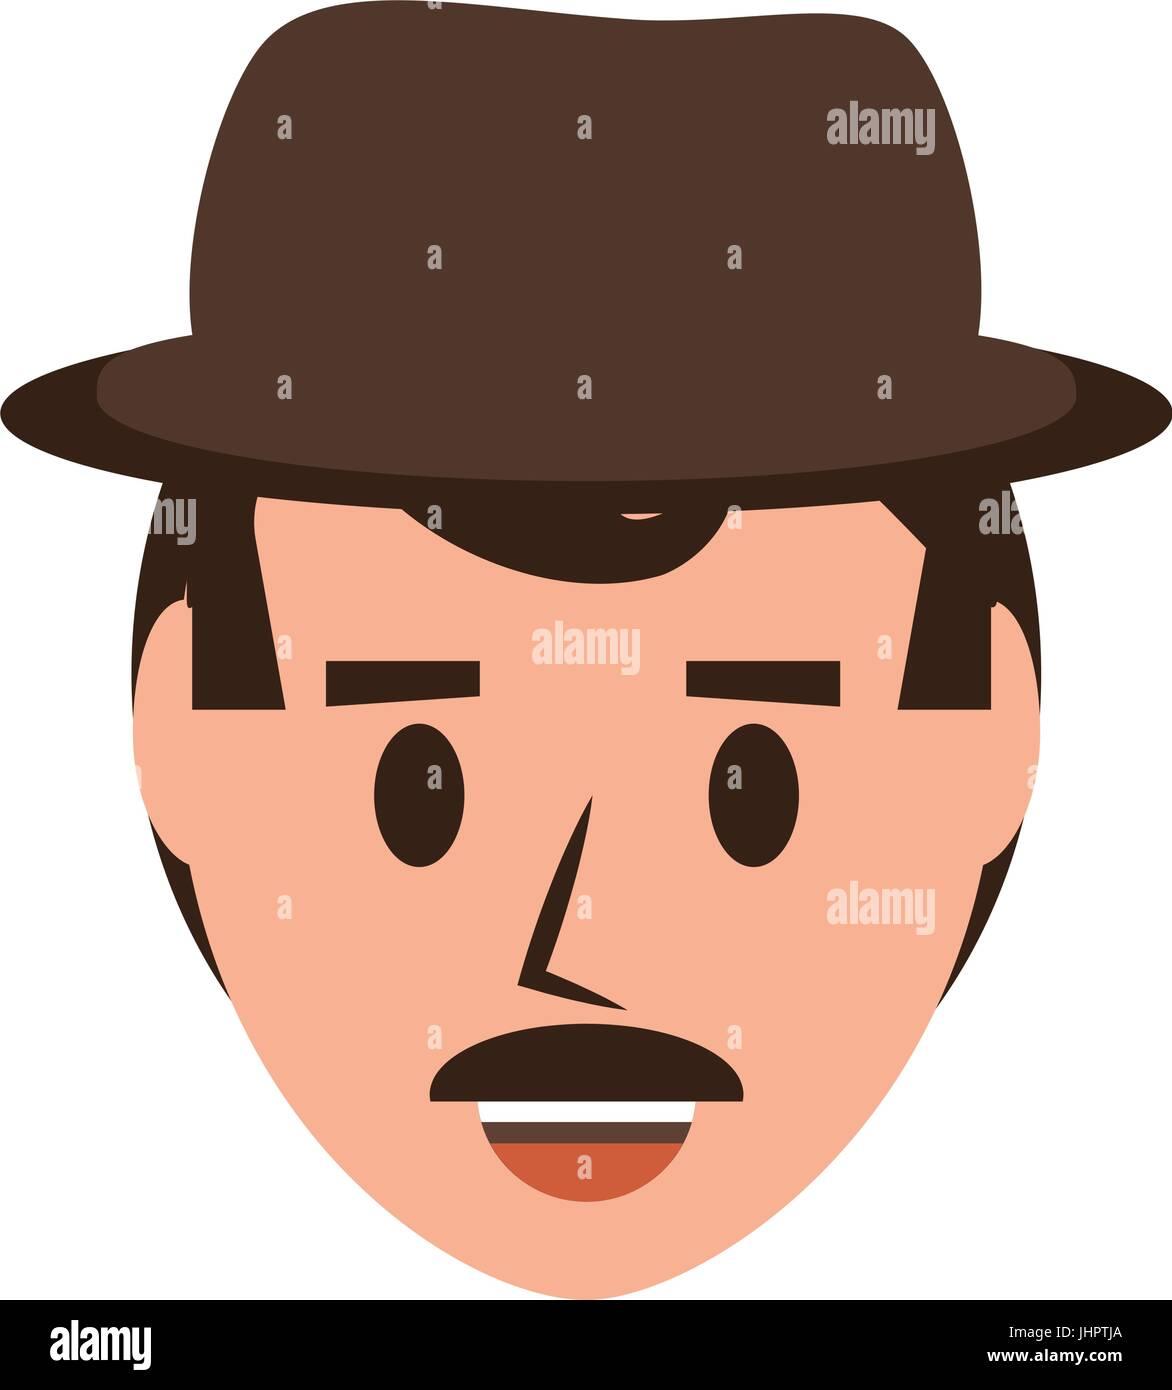 Retro Man cartoon - Stock Image